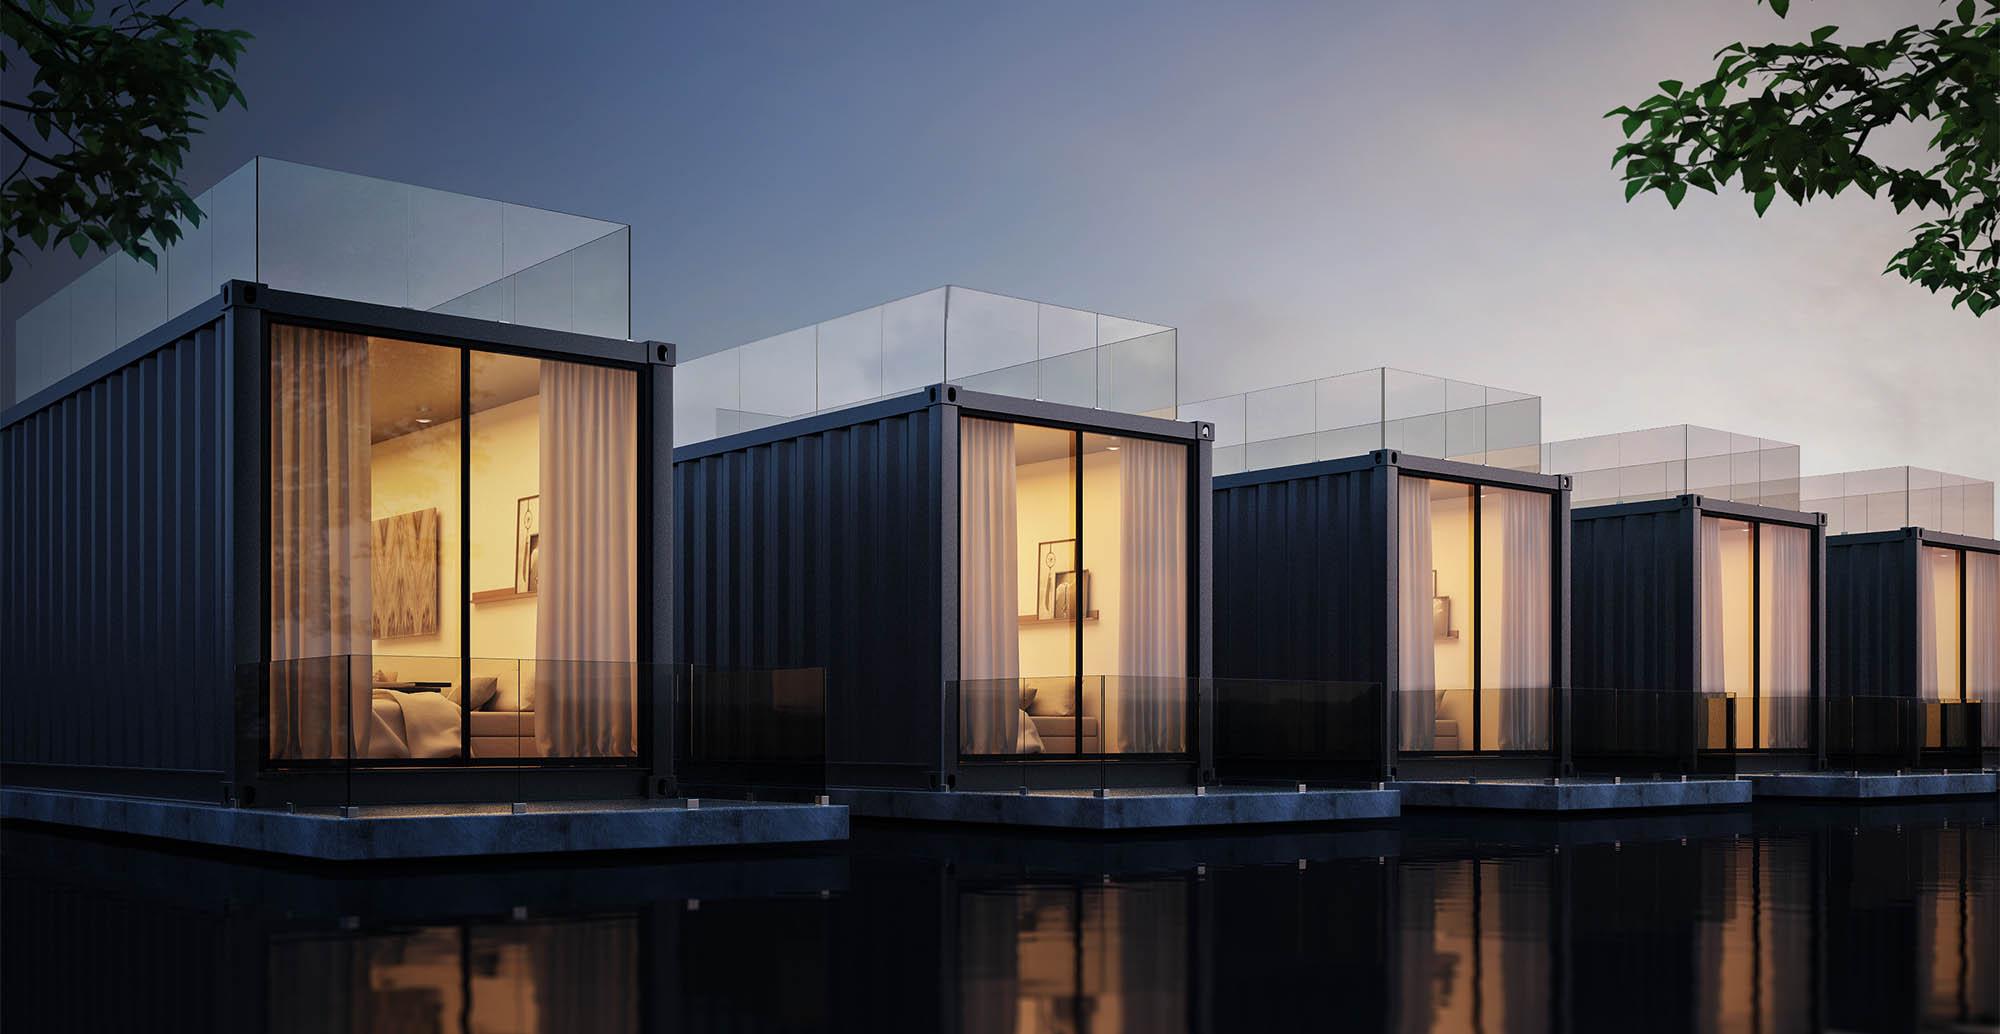 casas-container-noche